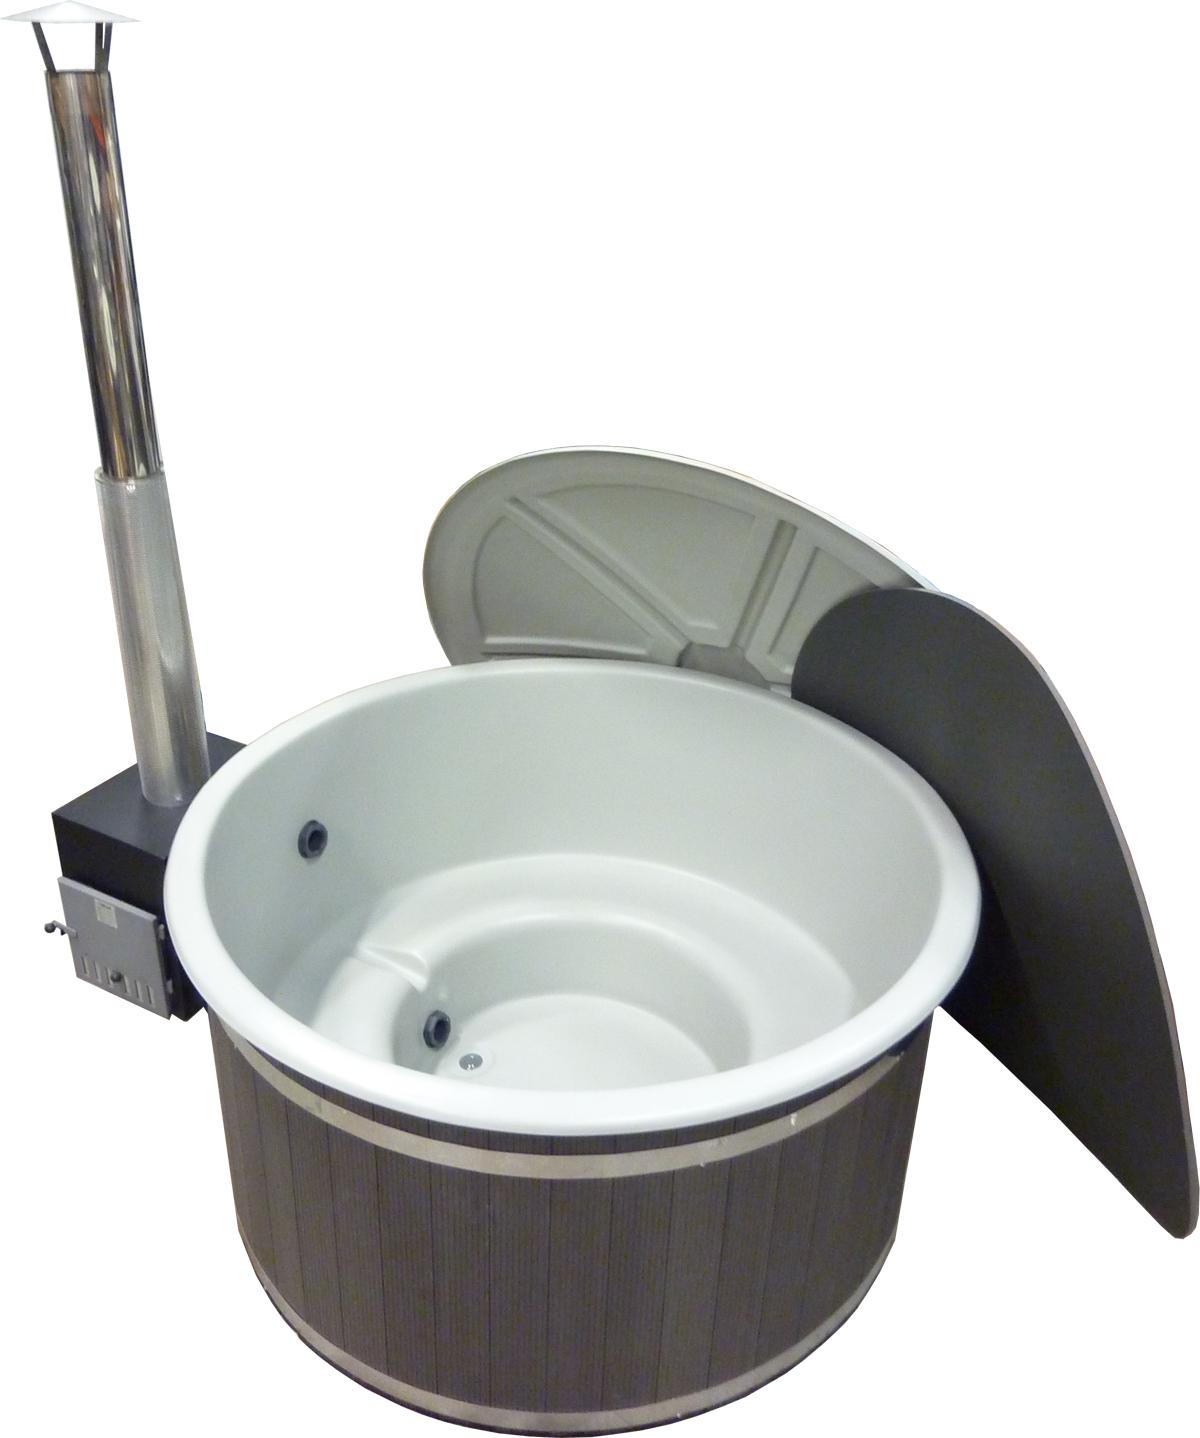 Harmony grå med lock & Side-maxi & Grafit gråytterpanel.